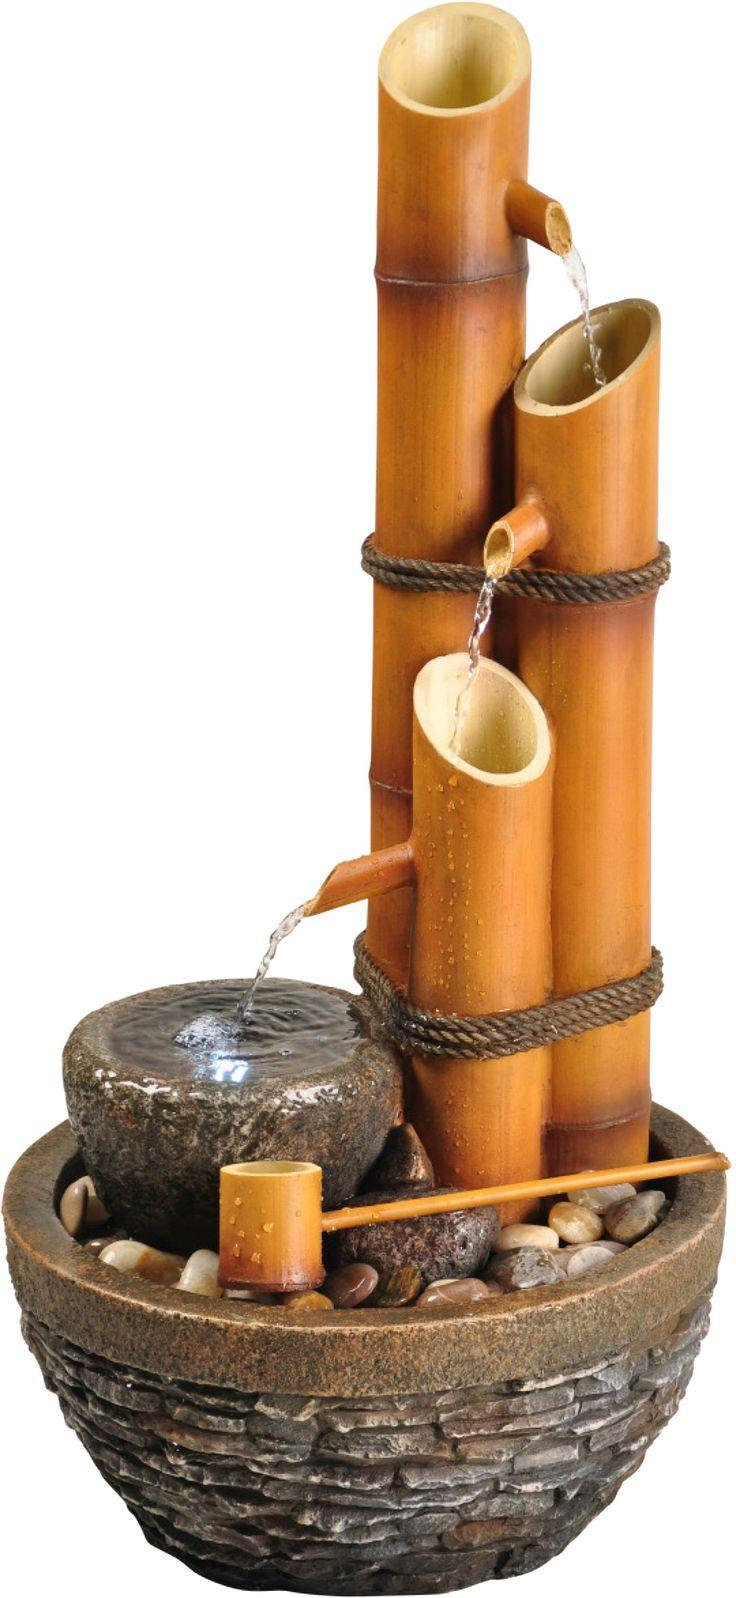 Deixe seu cantinho mais aconchegante com a fonte natural de bambu